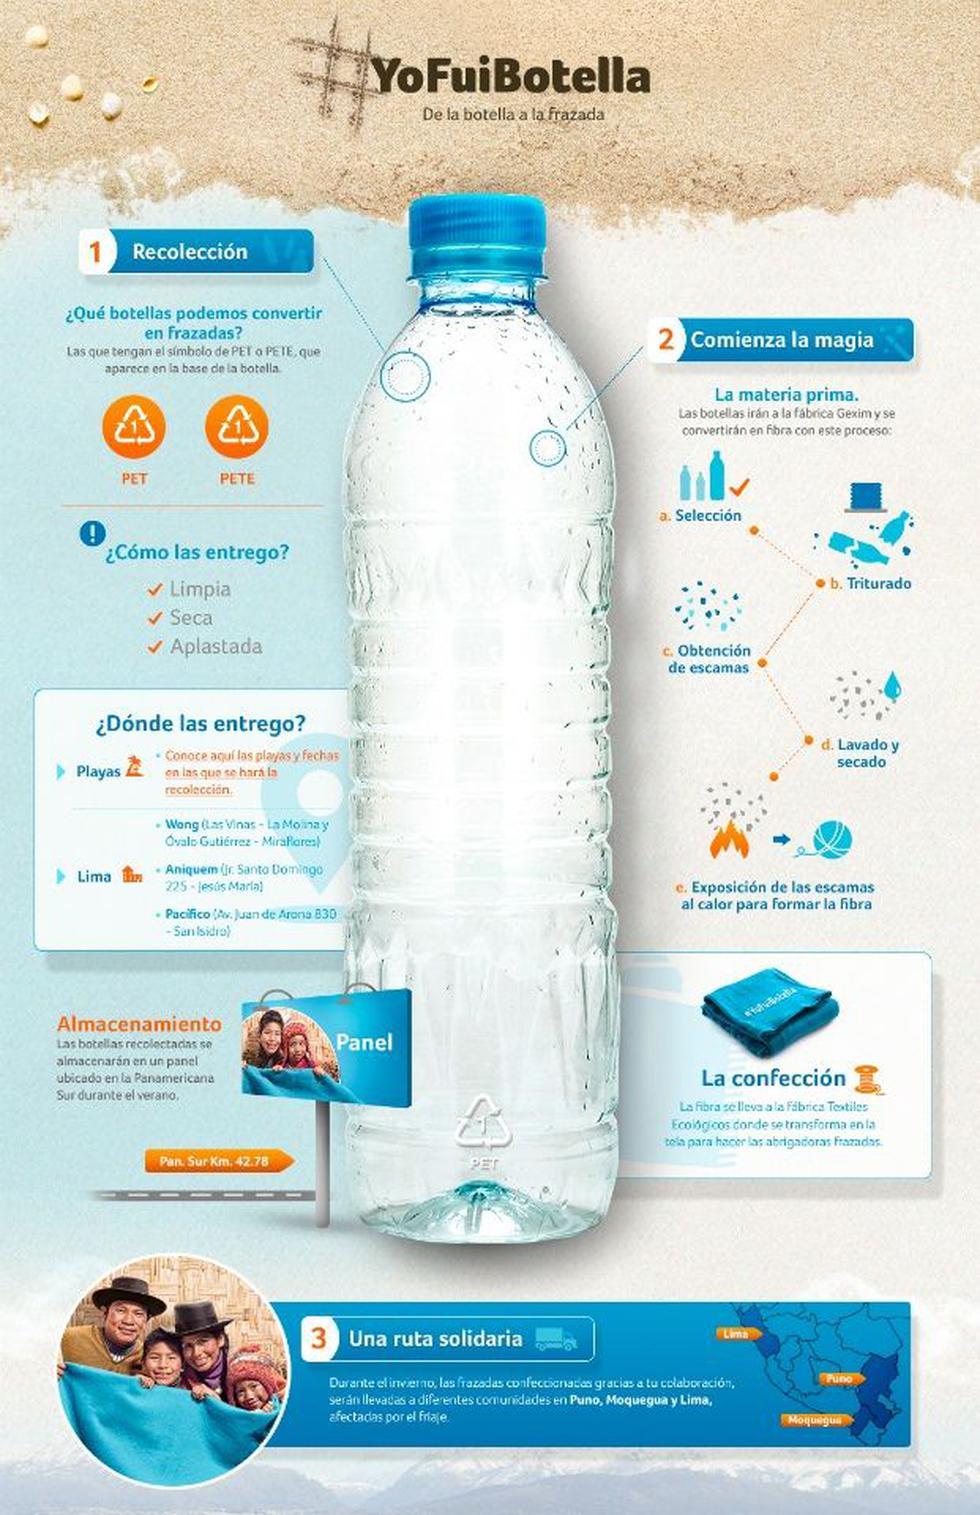 La campaña que busca convertir botellas de plástico en frazadas - 1